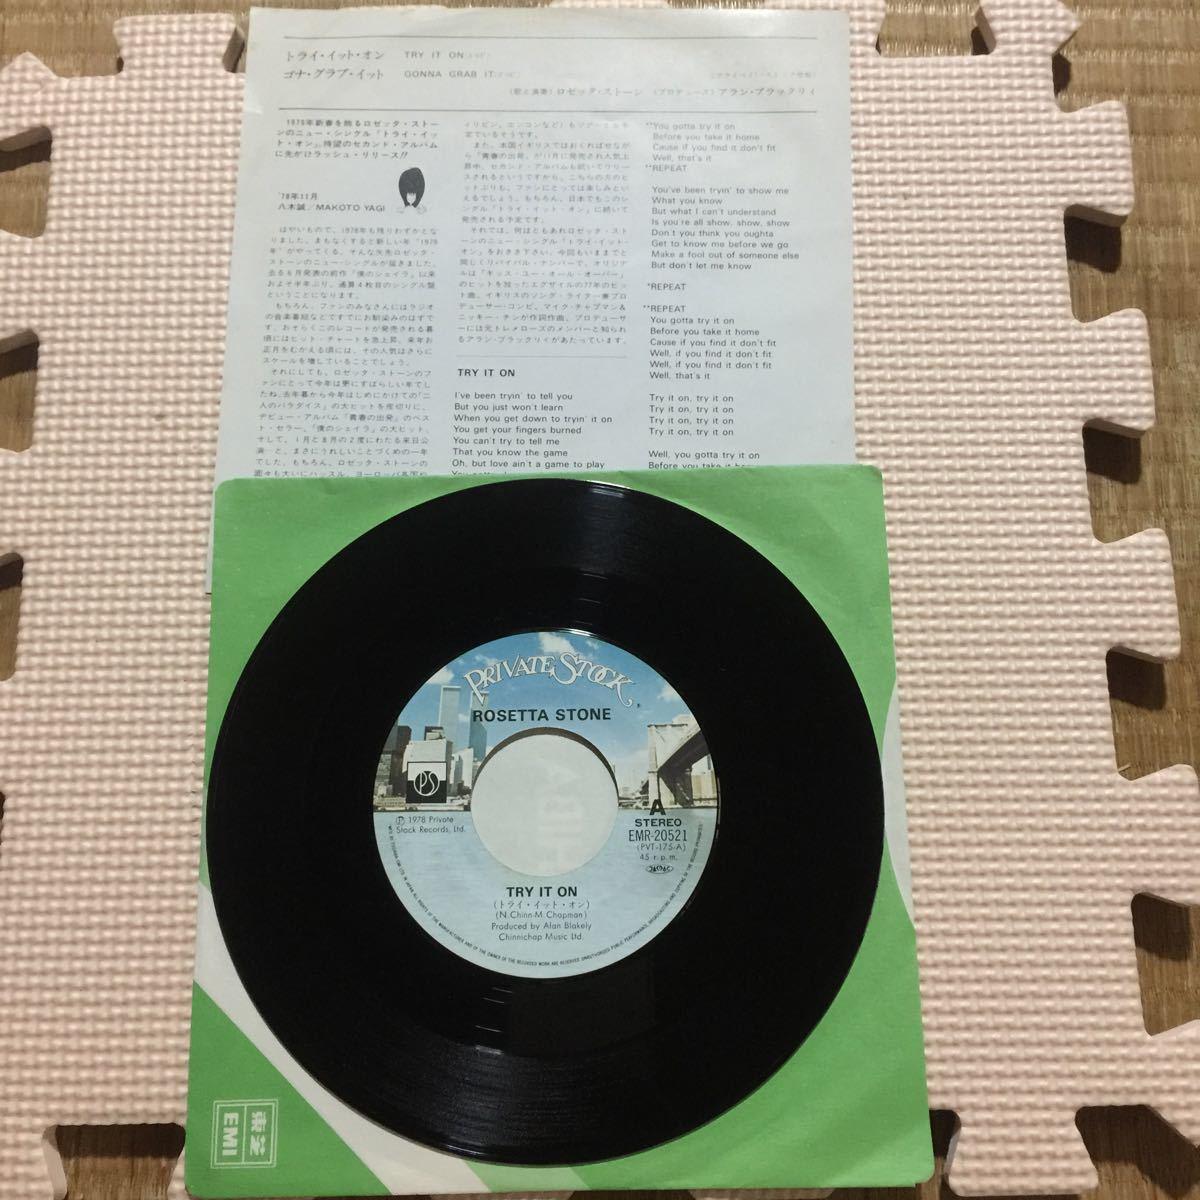 イアン・ミッチェル トライ・イット・オン 国内盤7インチシングルレコード